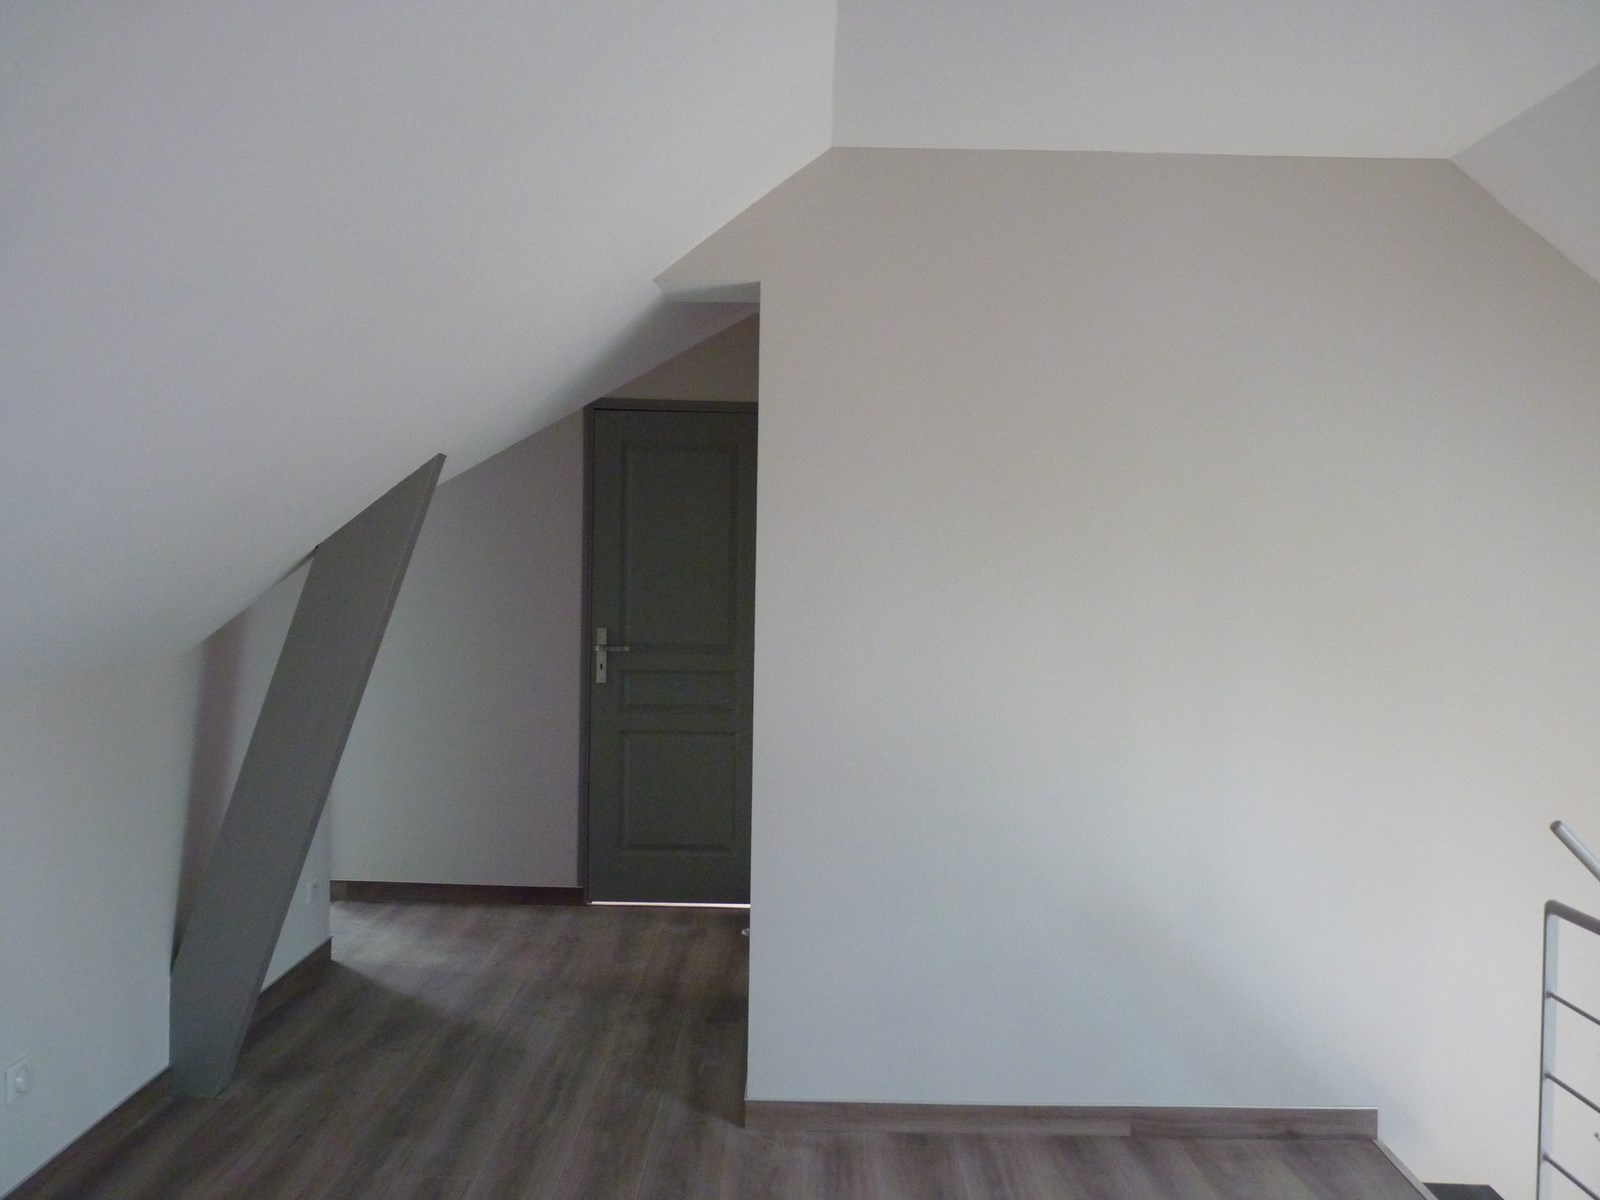 Couleur mur couloir awesome papier peint murs couloir for Couloir peinture bicolore